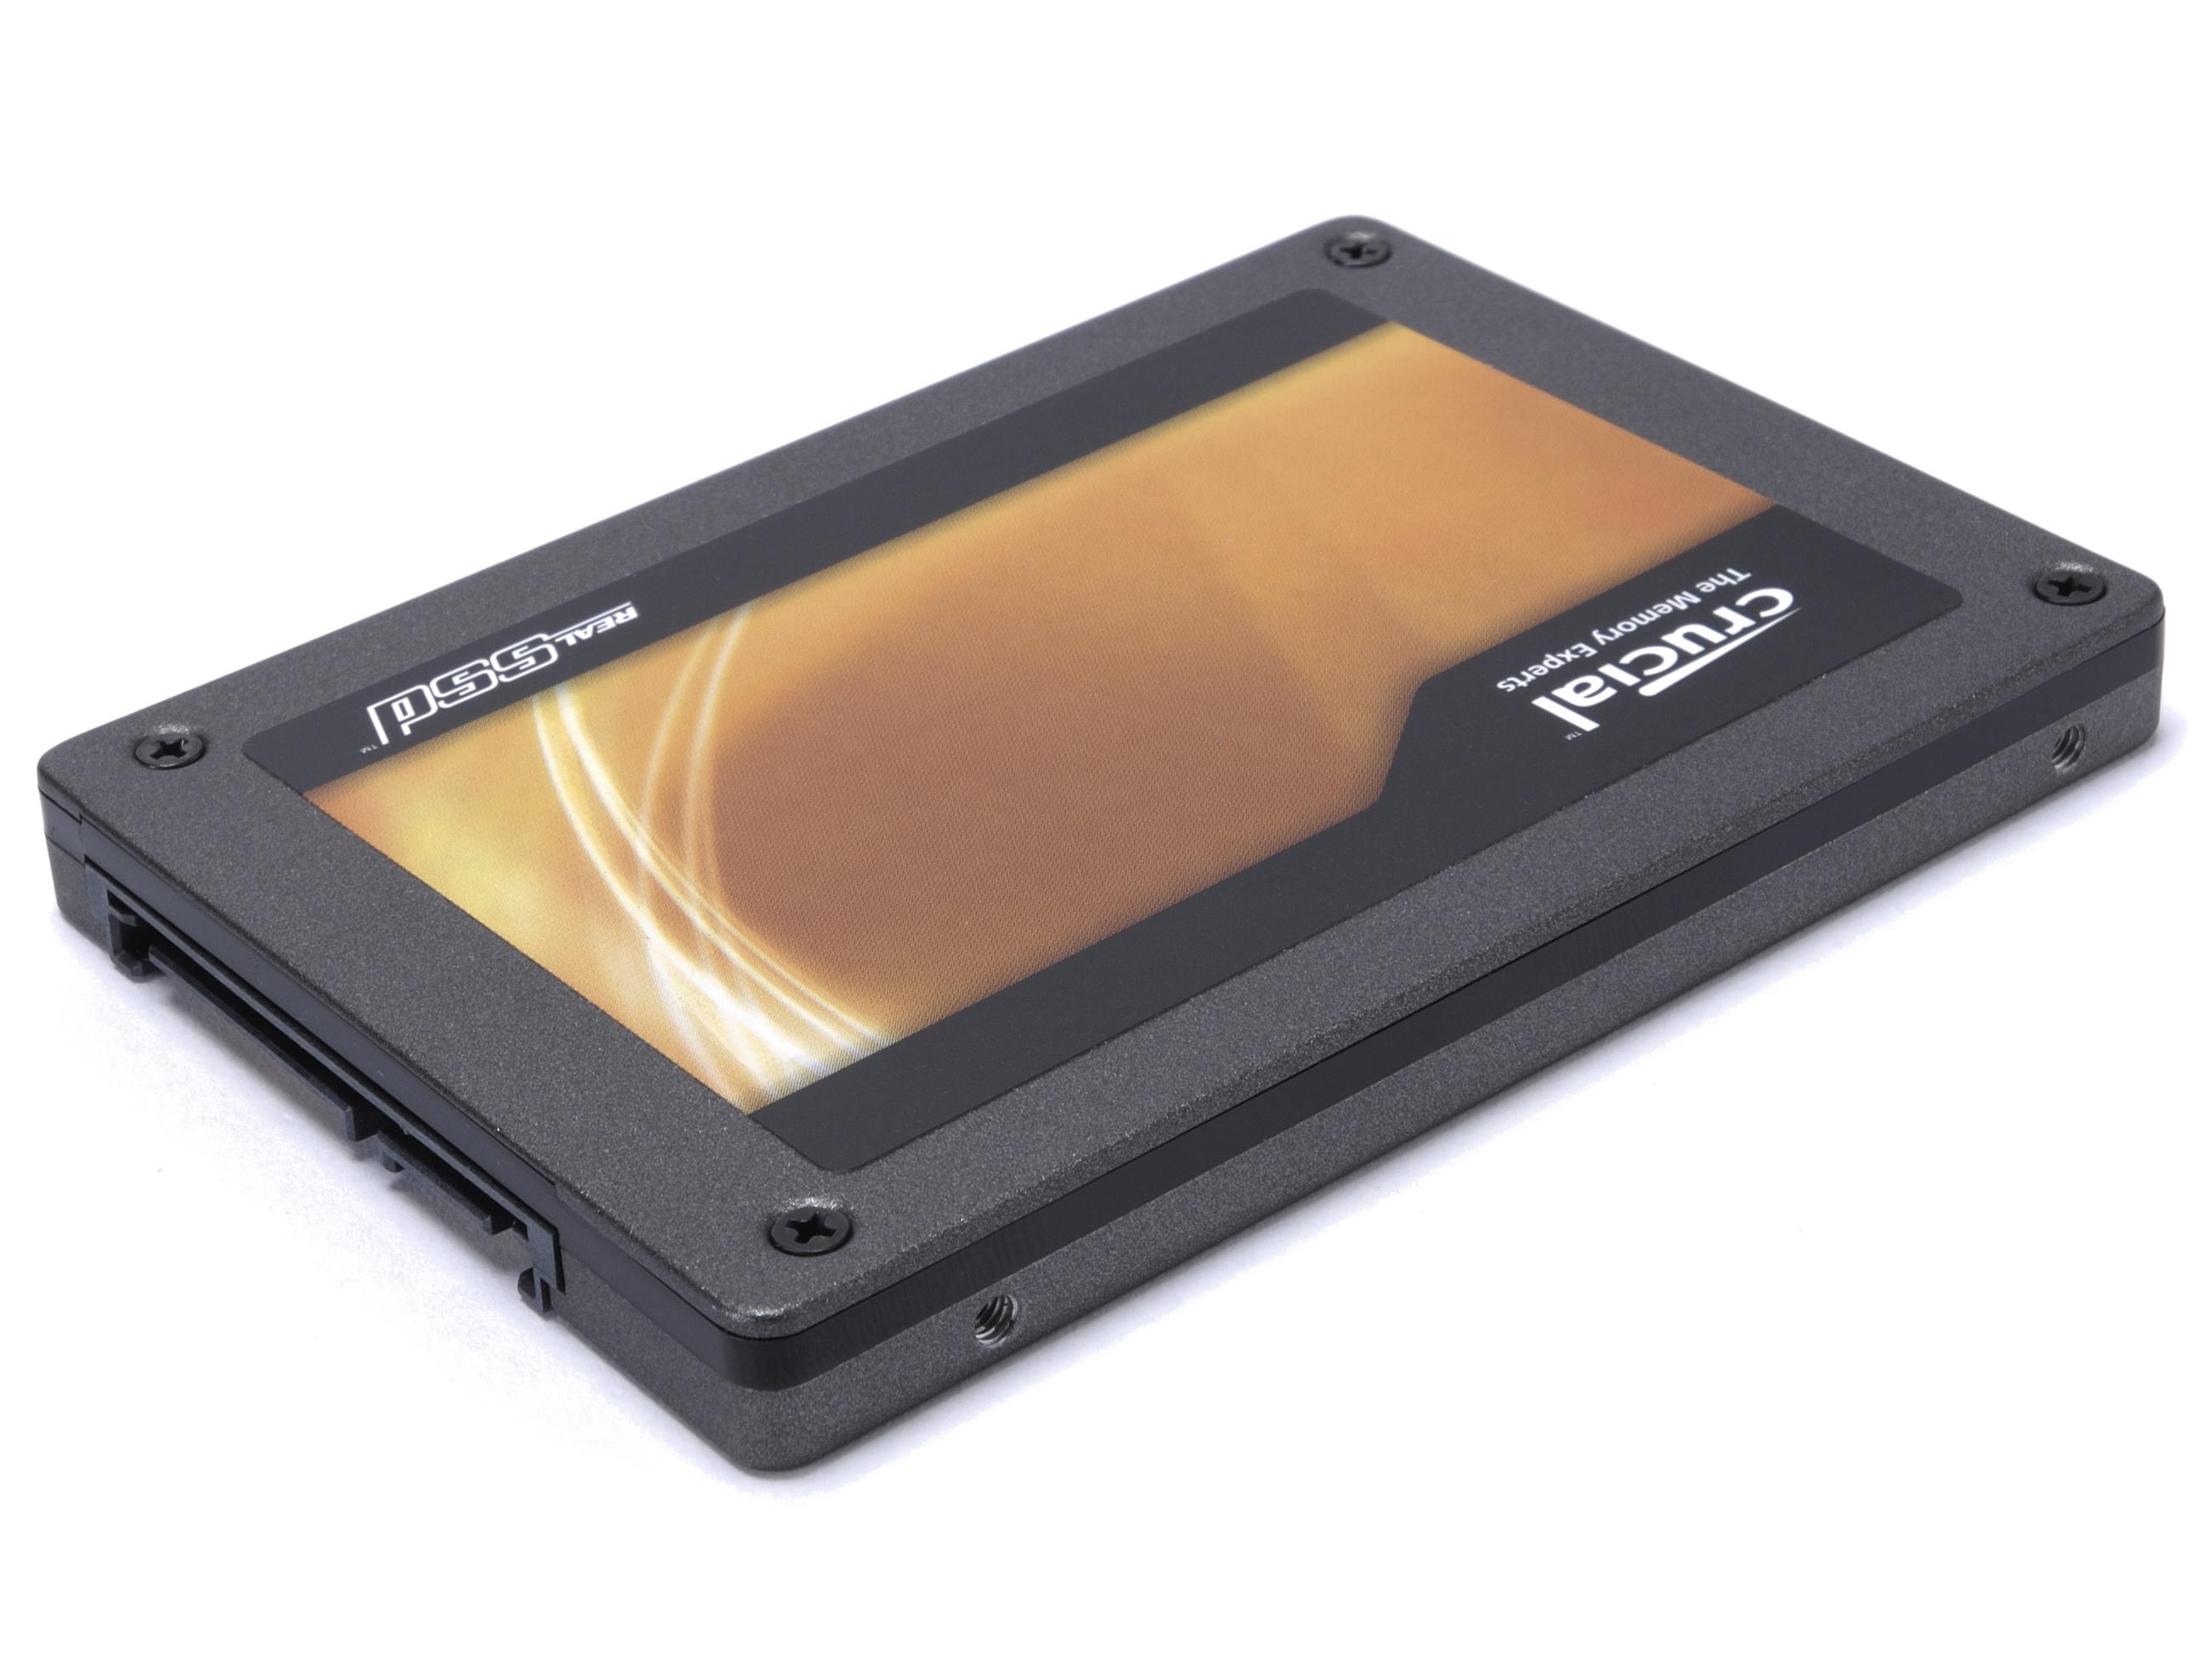 Crucial realSSD C300 64GB review | TechRadar